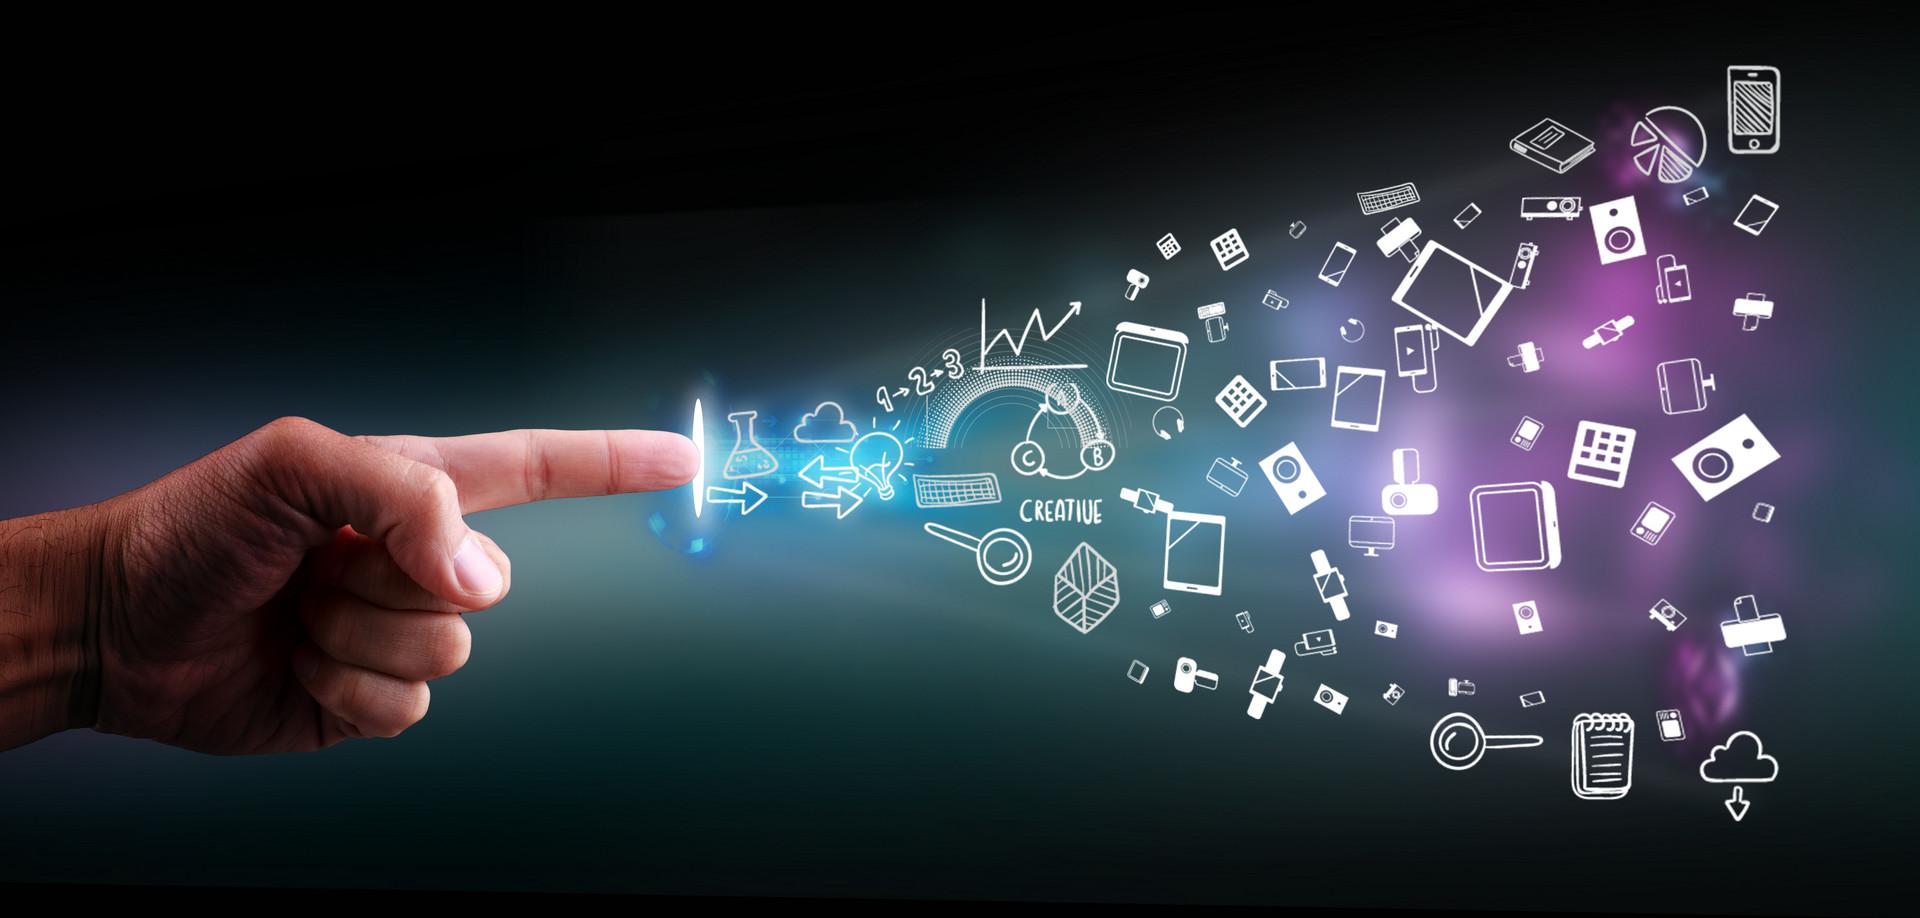 恩智浦与北汽集团签署战略合作 推进汽车数字化和物联网安全应用